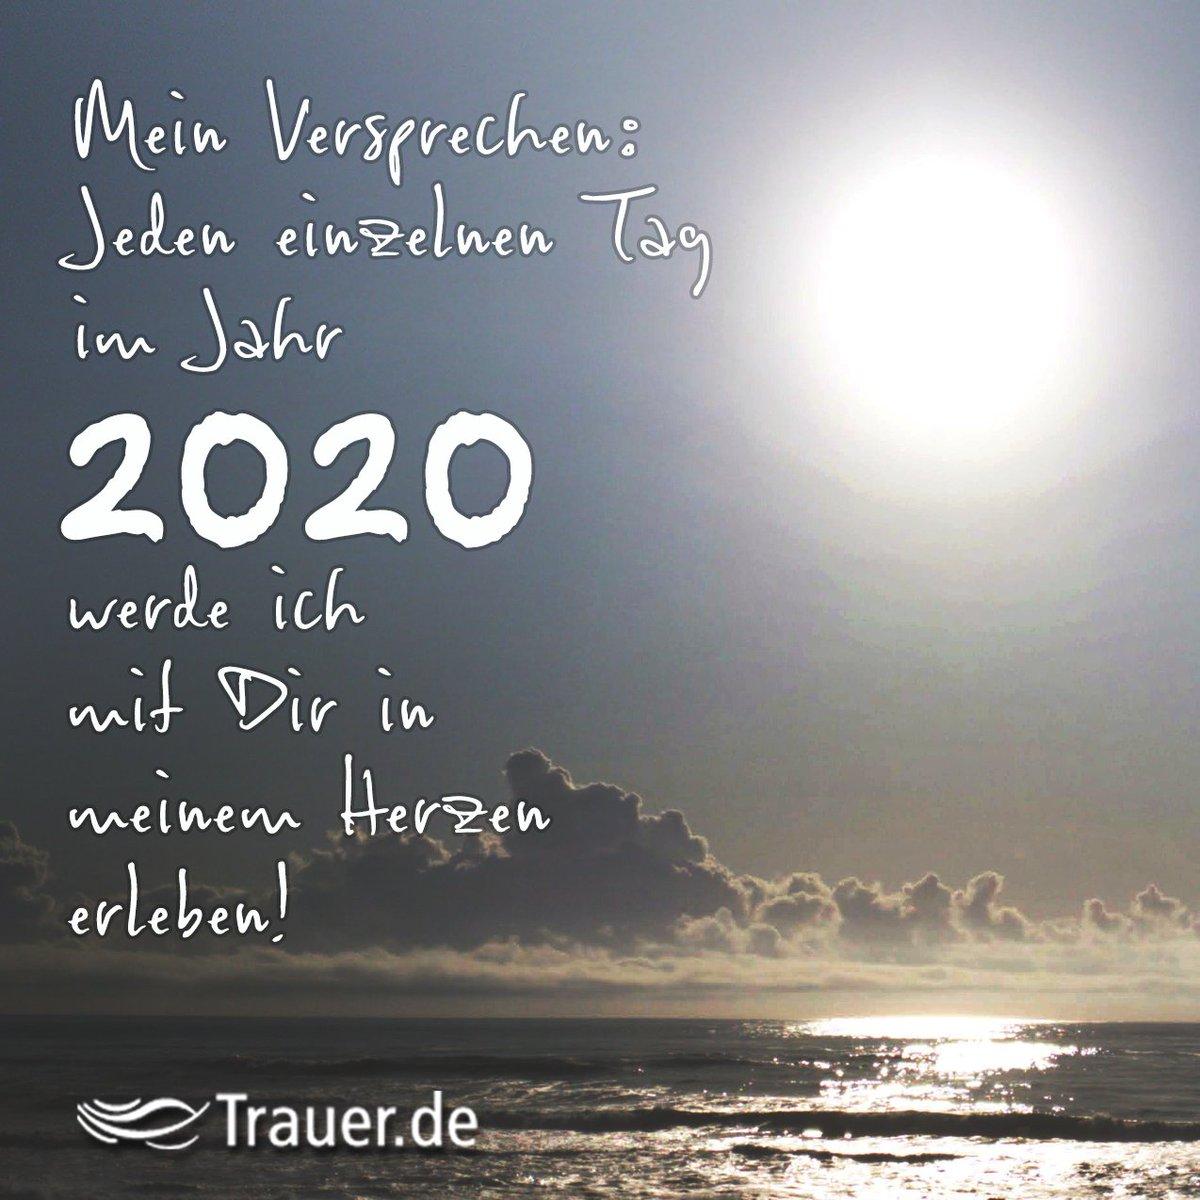 """Dieses Versprechen gebe ich Dir heute! Feierlich! (Mehr Bilder in unserem Buch """"Wenn Trauer spricht"""") . . #wenntrauerspricht #trauer #abschied #dufehlst #immerimherzen #trauerarbeit #abschiednehmen #trauern #lebenohnedich #lebenundtod #ichvermissedich"""